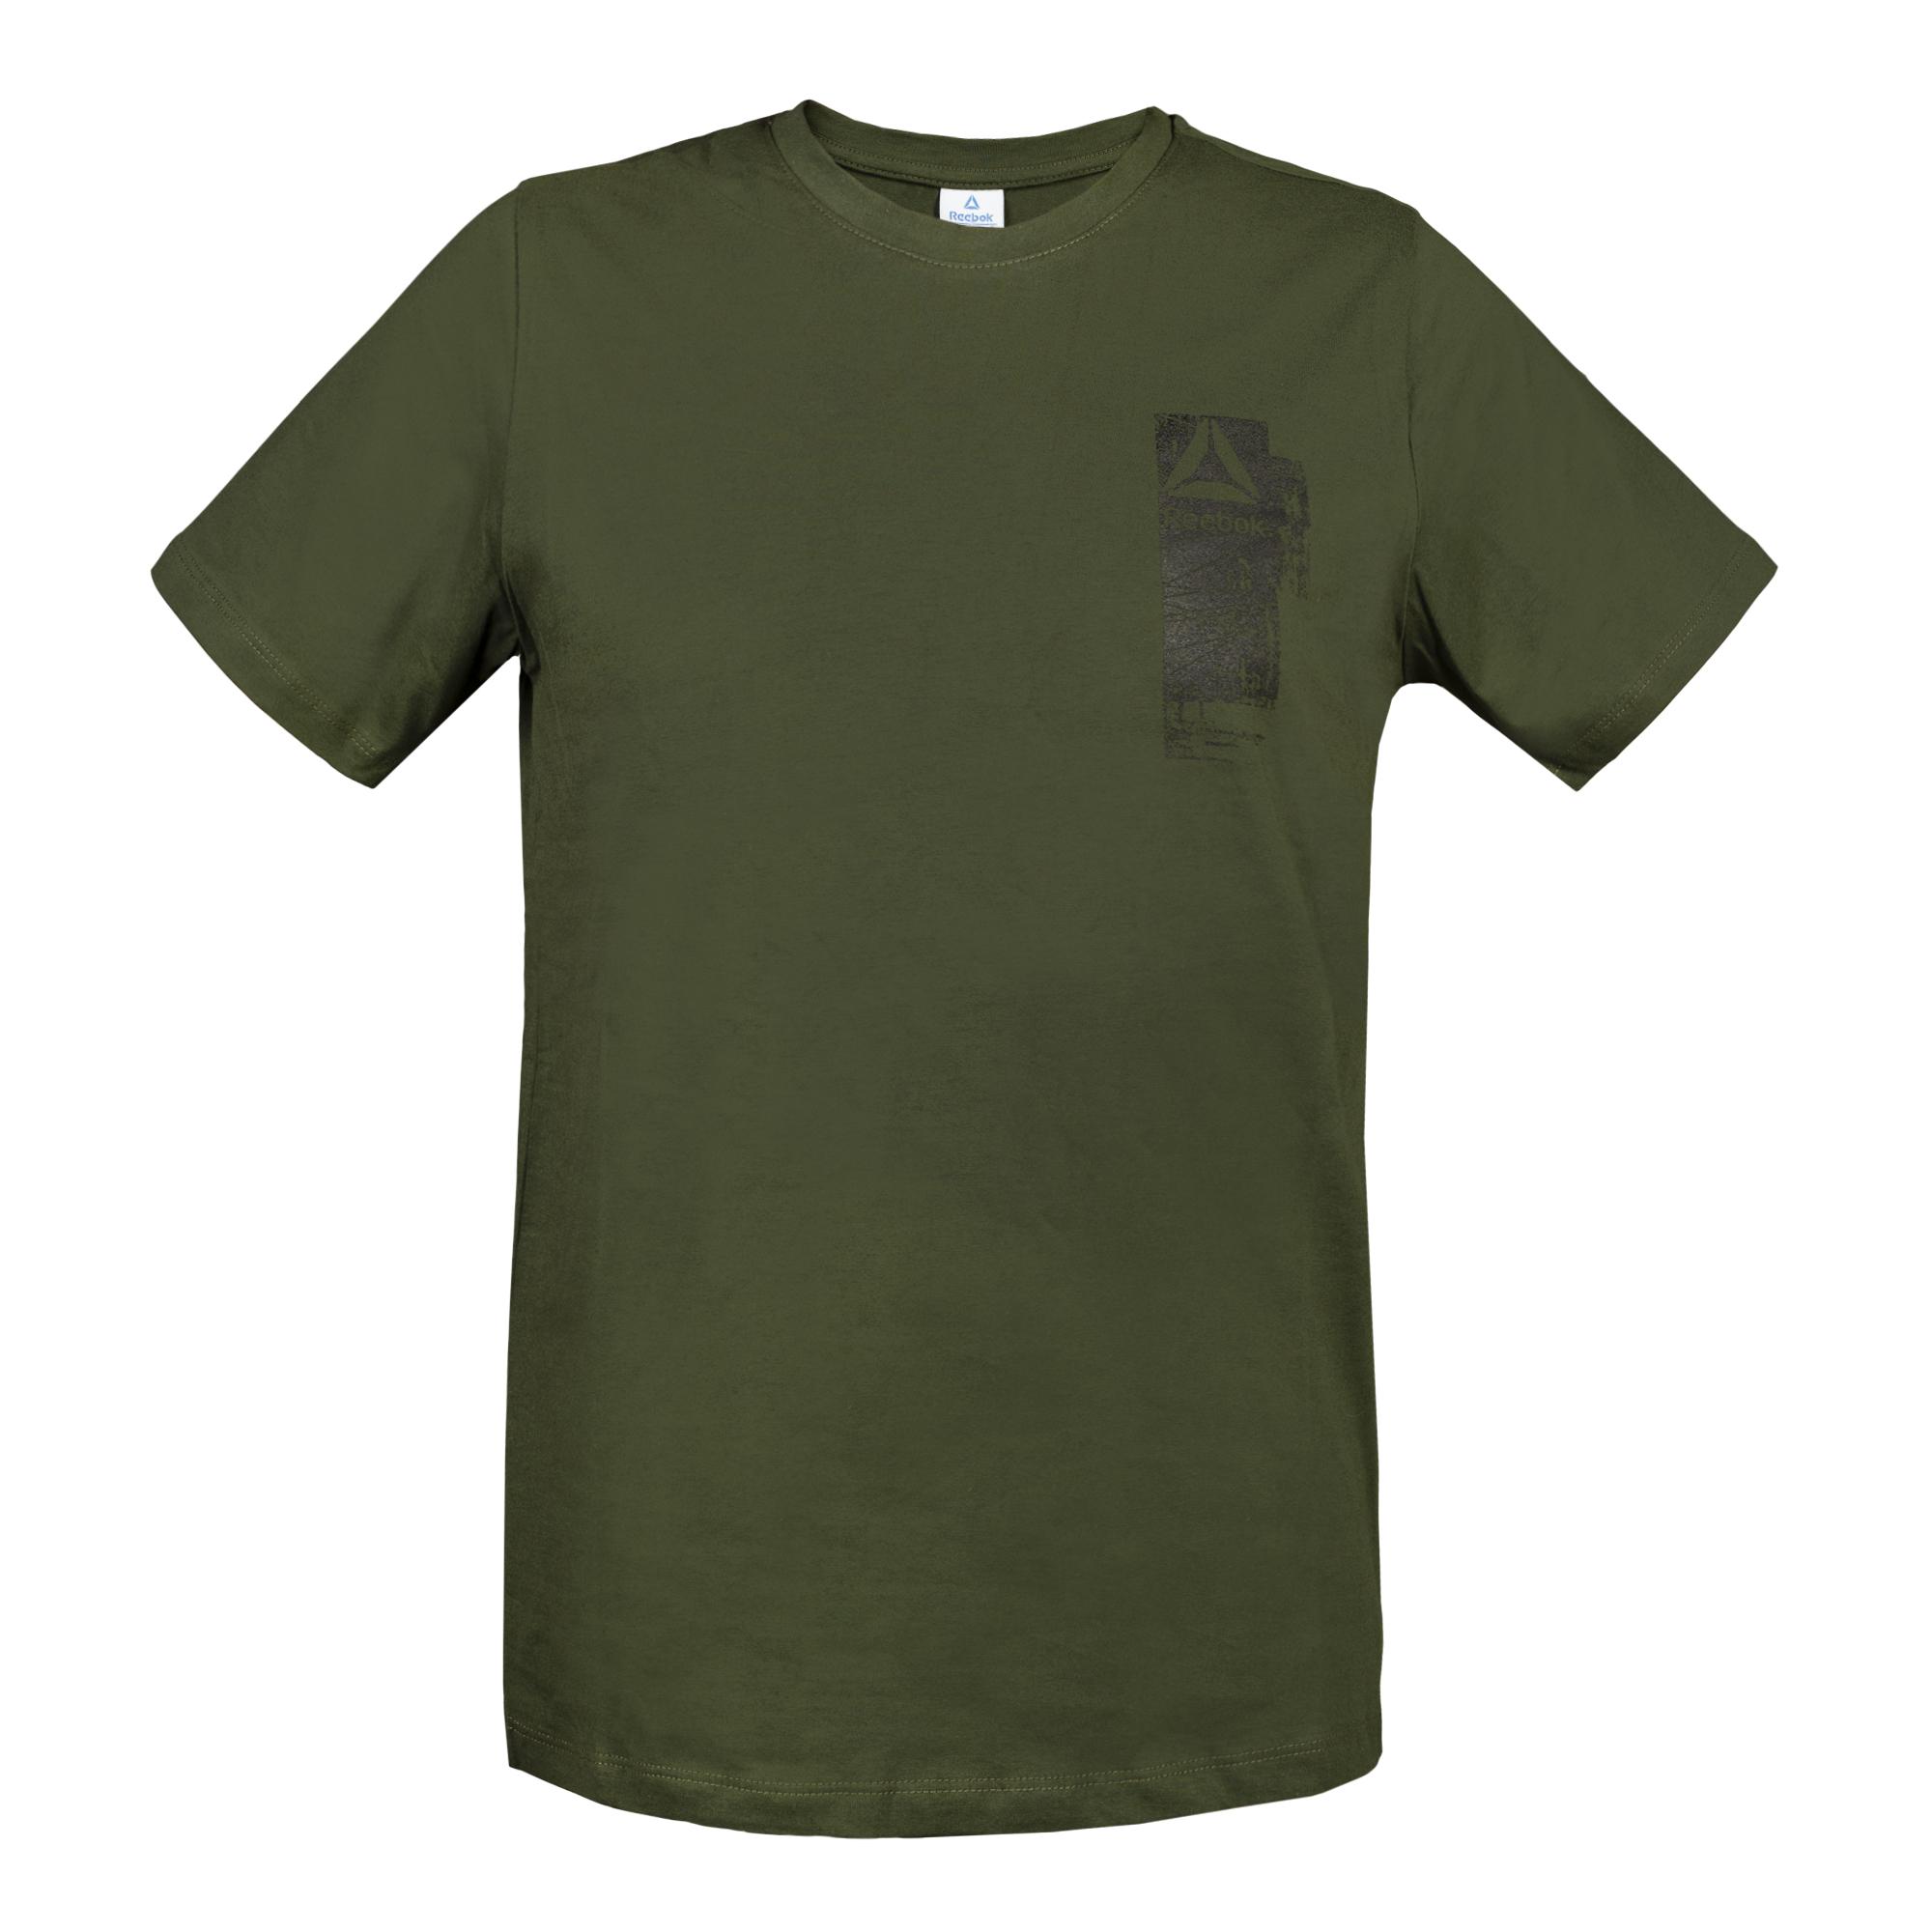 تي شرت ورزشي مردانه کد 014-2553                     غیر اصل